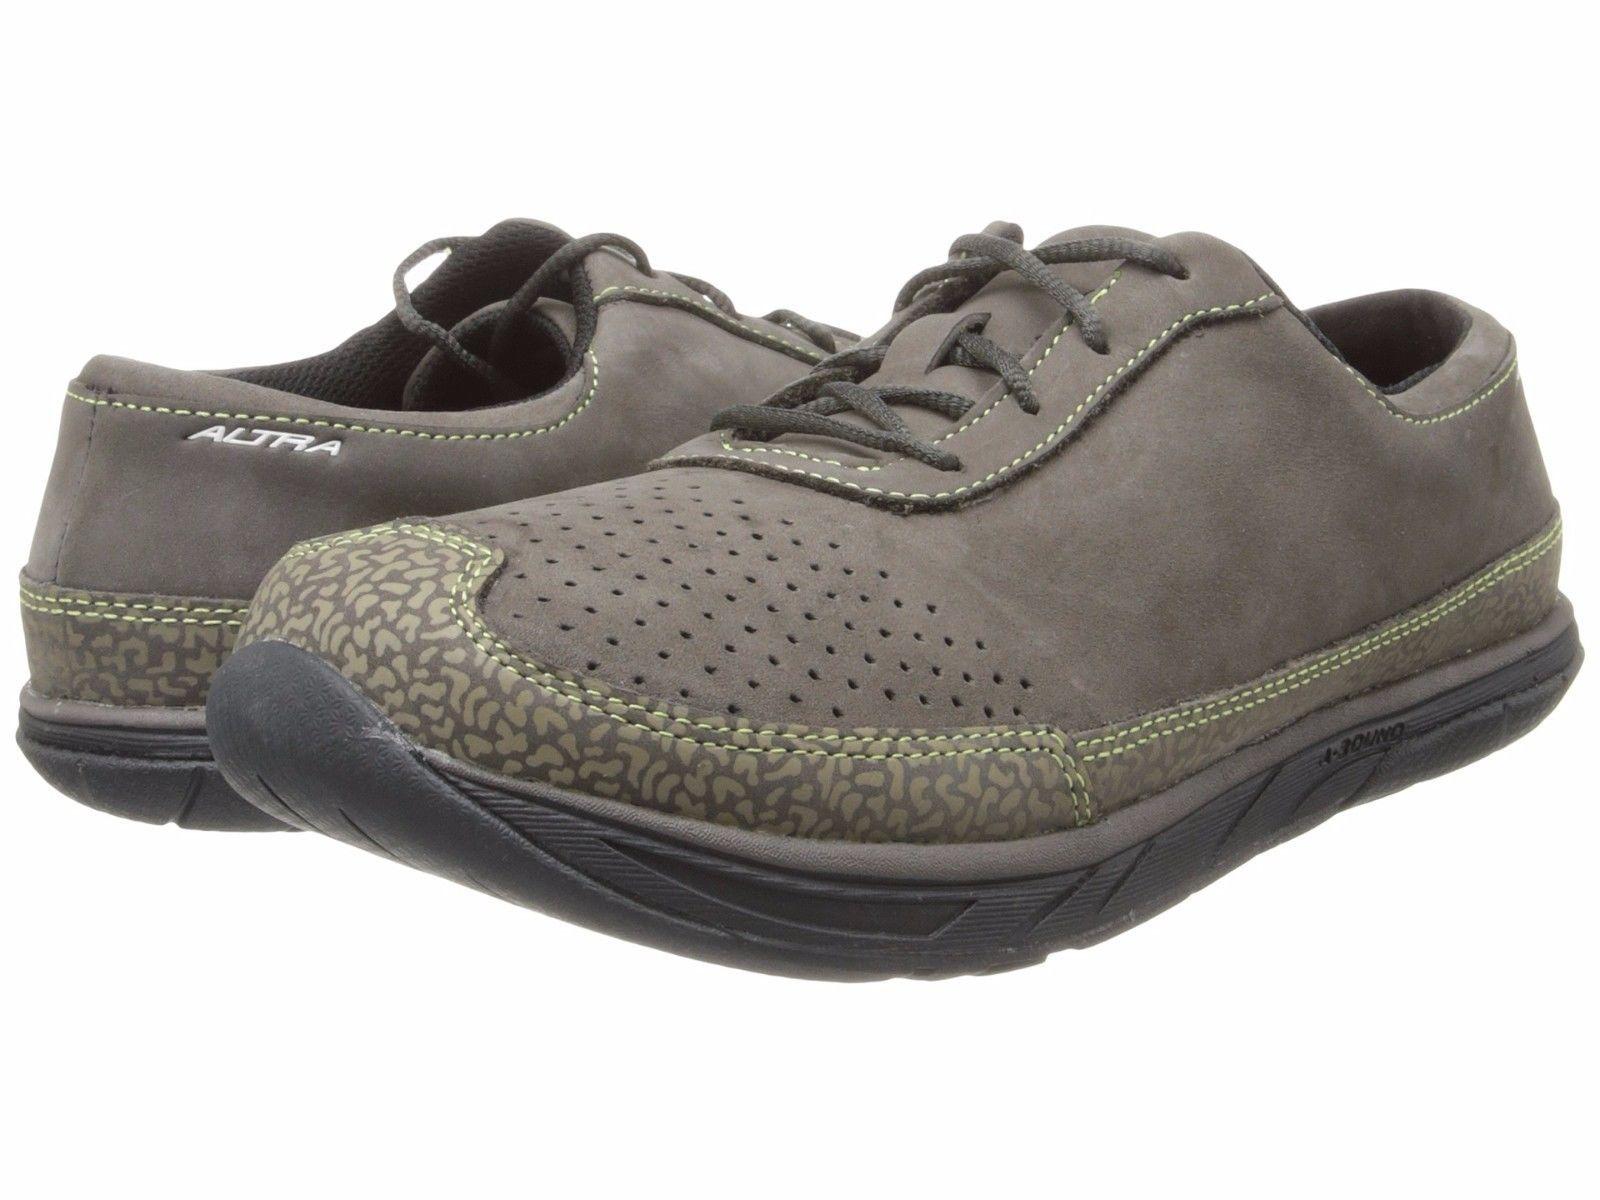 Altra Footwear Intuition Everyday Walking Shoe (Women's) wcL329